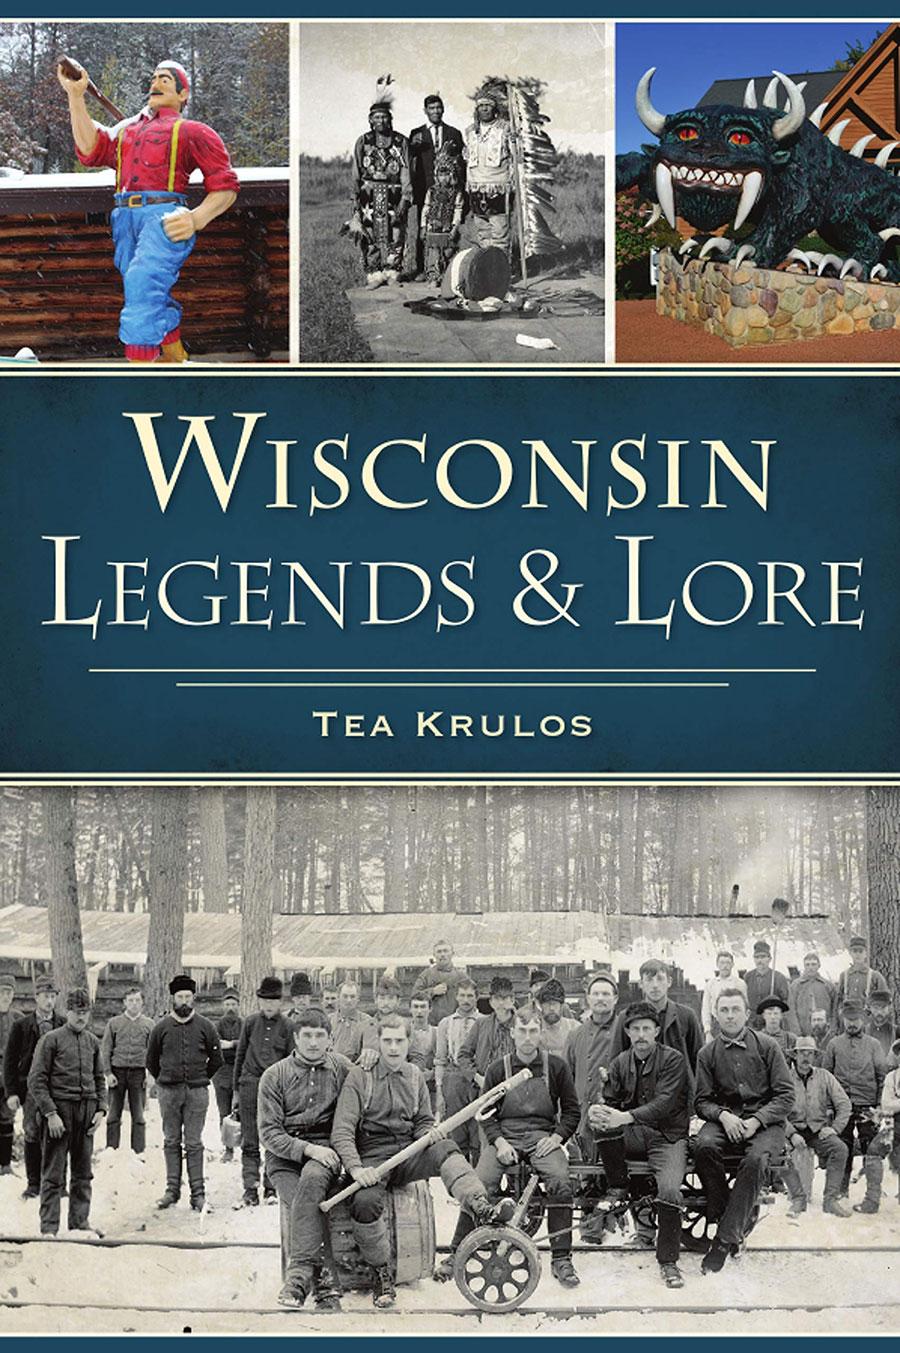 Wisconsin Legends & Lore by Tea Krulos